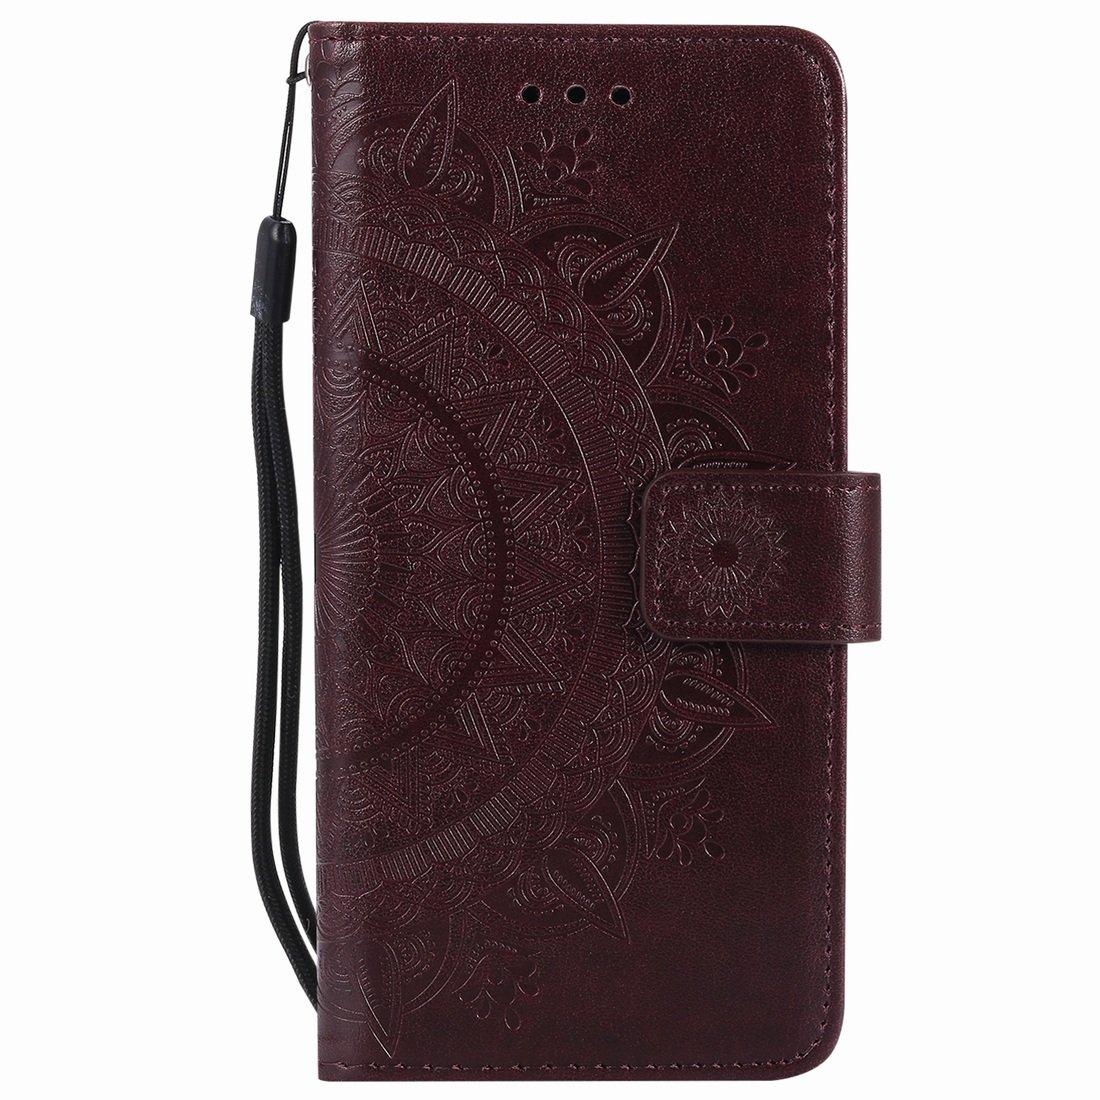 Yiizy Custodie Samsung Galaxy S9+ Cover, Disegno Compass Stile PU Pelle Portafoglio Custodie Cover per G965F Silicone TPU Morbido Porta Carte, Funzione Stand, Magnetica Protettivo (Blu) YI17550